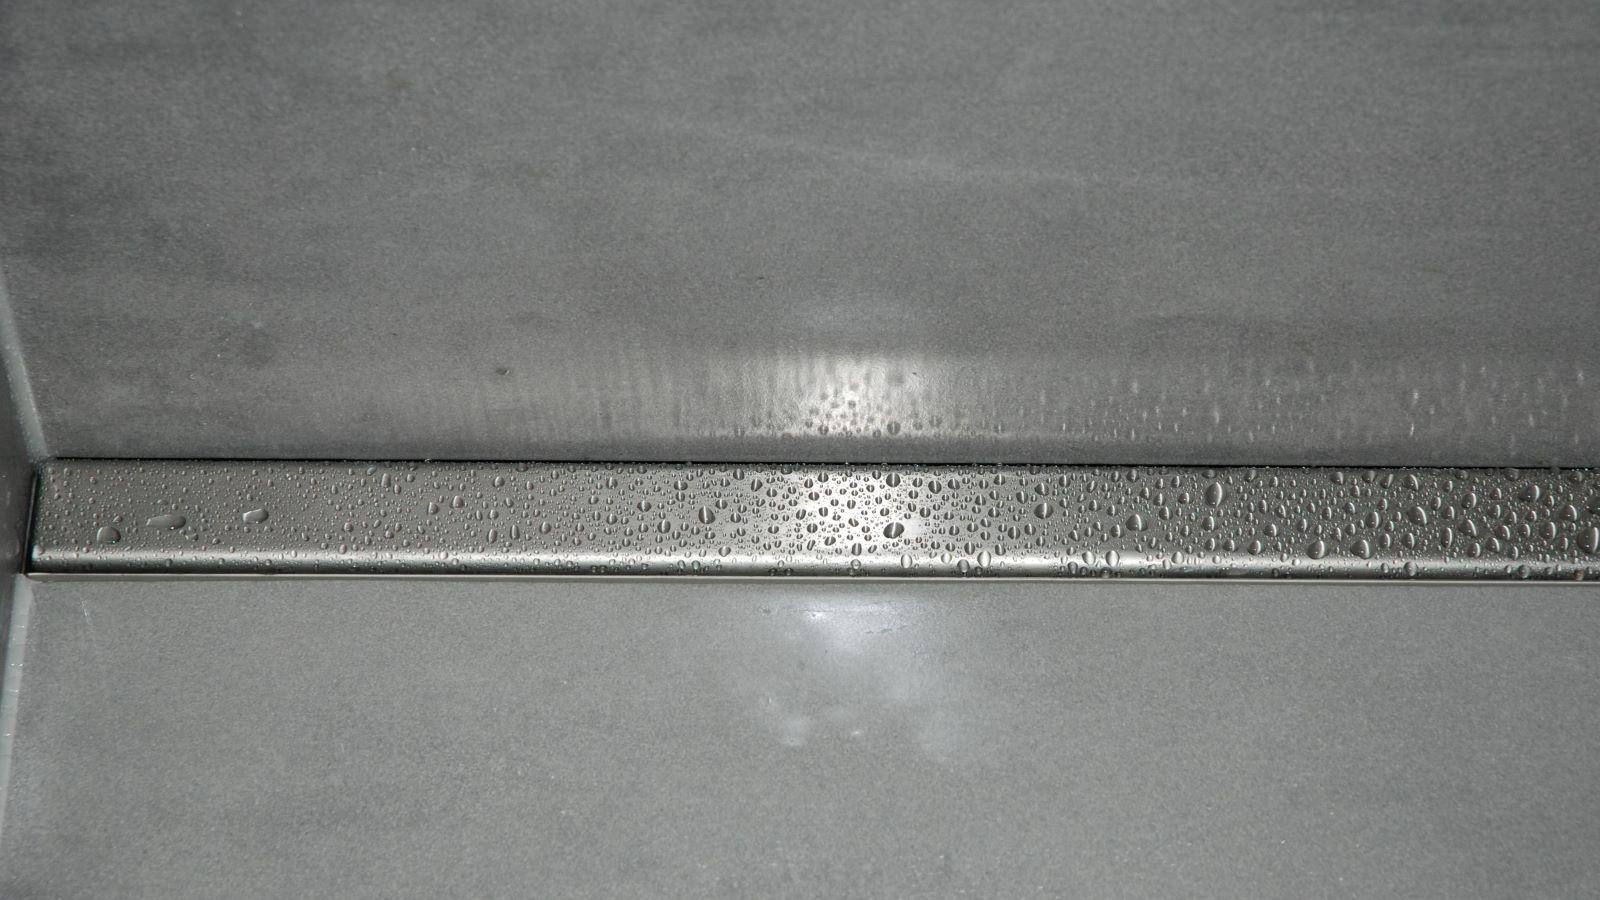 Abgebildet ist die hochwertige v4a edelstahl-duschrinne pro xxl, einfach und unauffaellig wandbuendig installiert. Sie wird cm-genau bis 600 cm massgefertigt und zeichnet sich durch einfachen einbau aus.